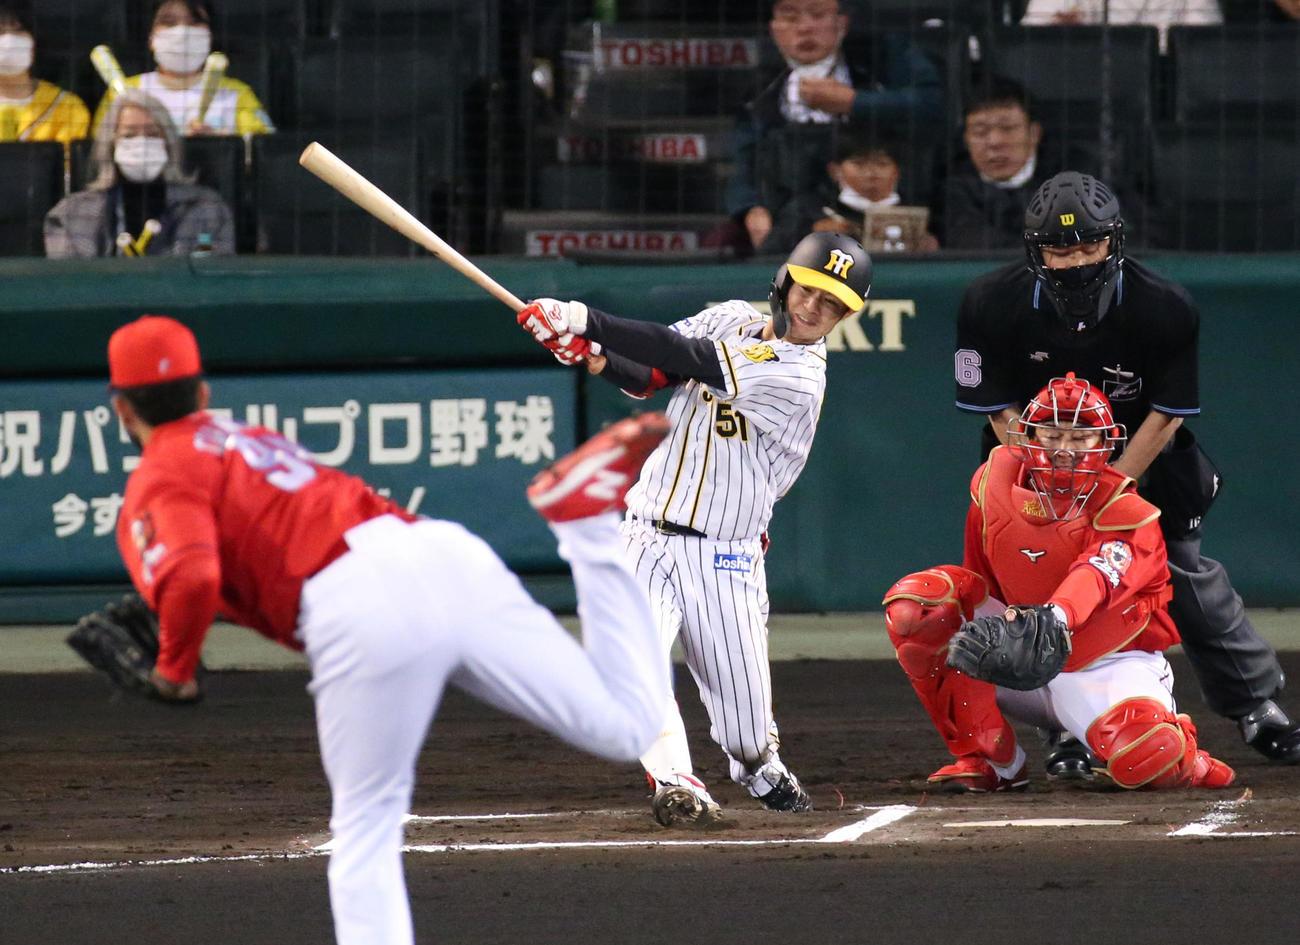 阪神対広島 6回裏阪神1死、中野は右へ二塁打を放つ(撮影・上山淳一)